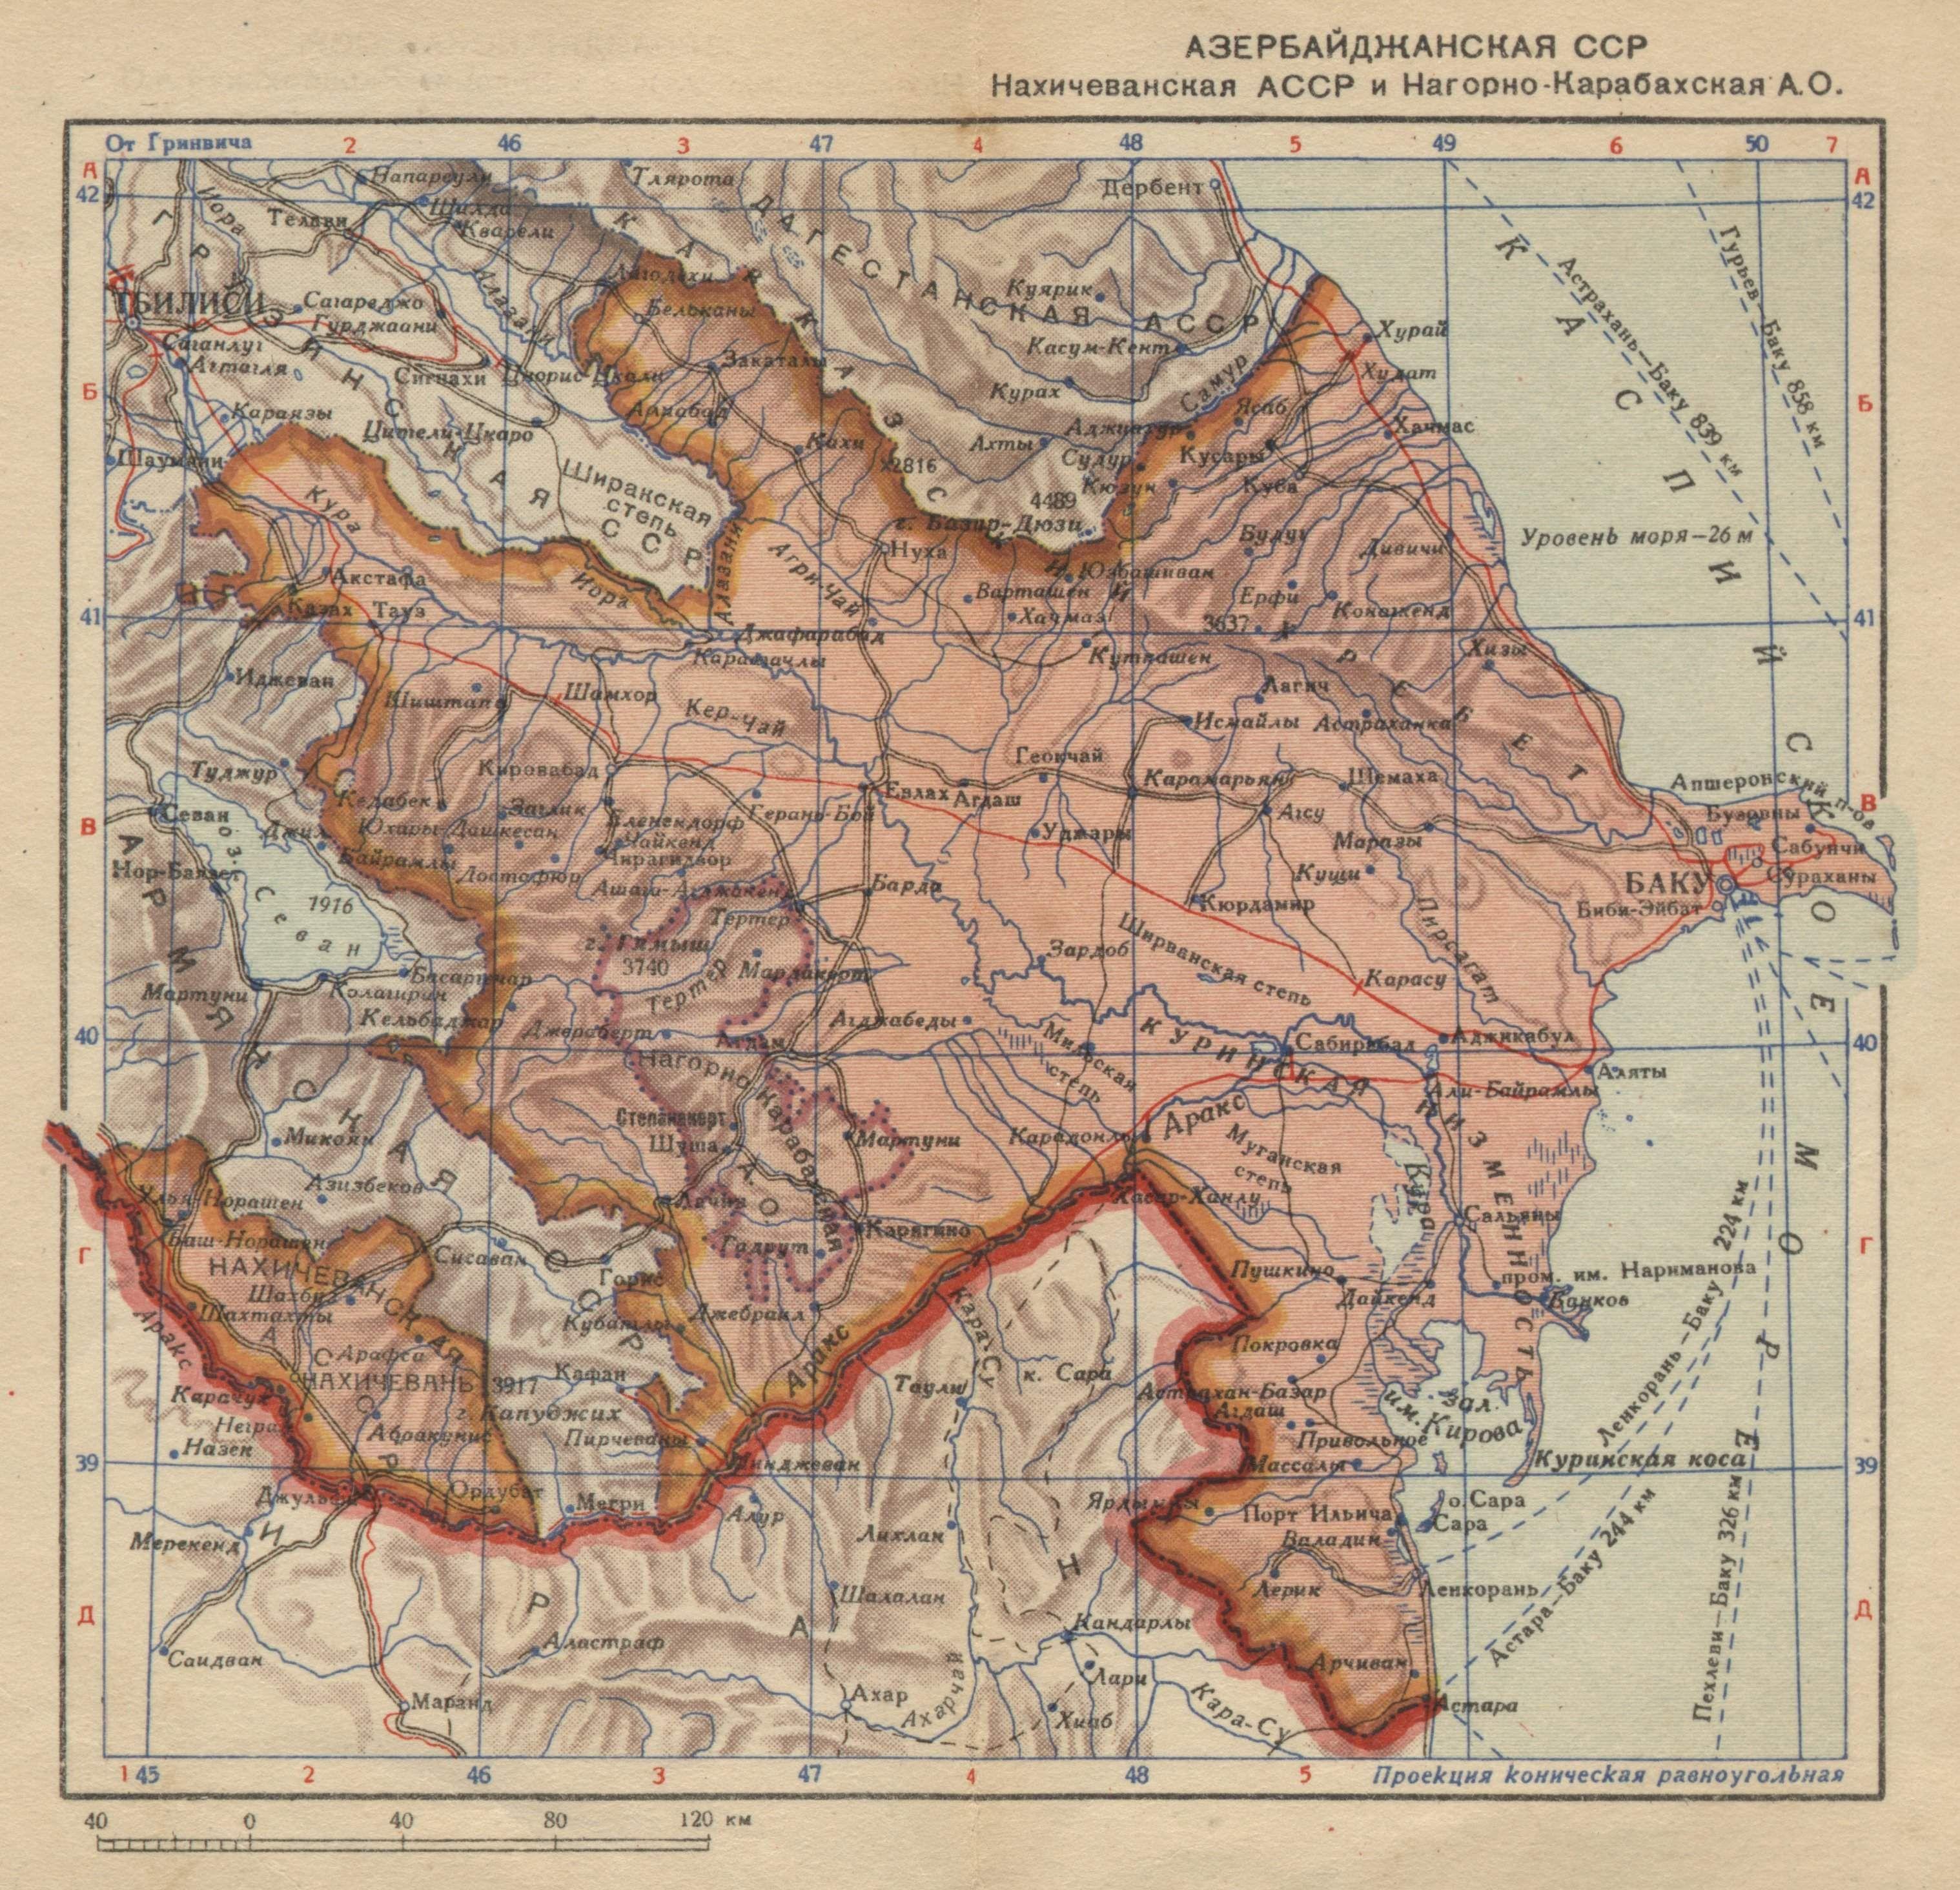 https://q-map.ru/wp-content/uploads/2018/09/MapAzerbSSR-1939-2518.jpg